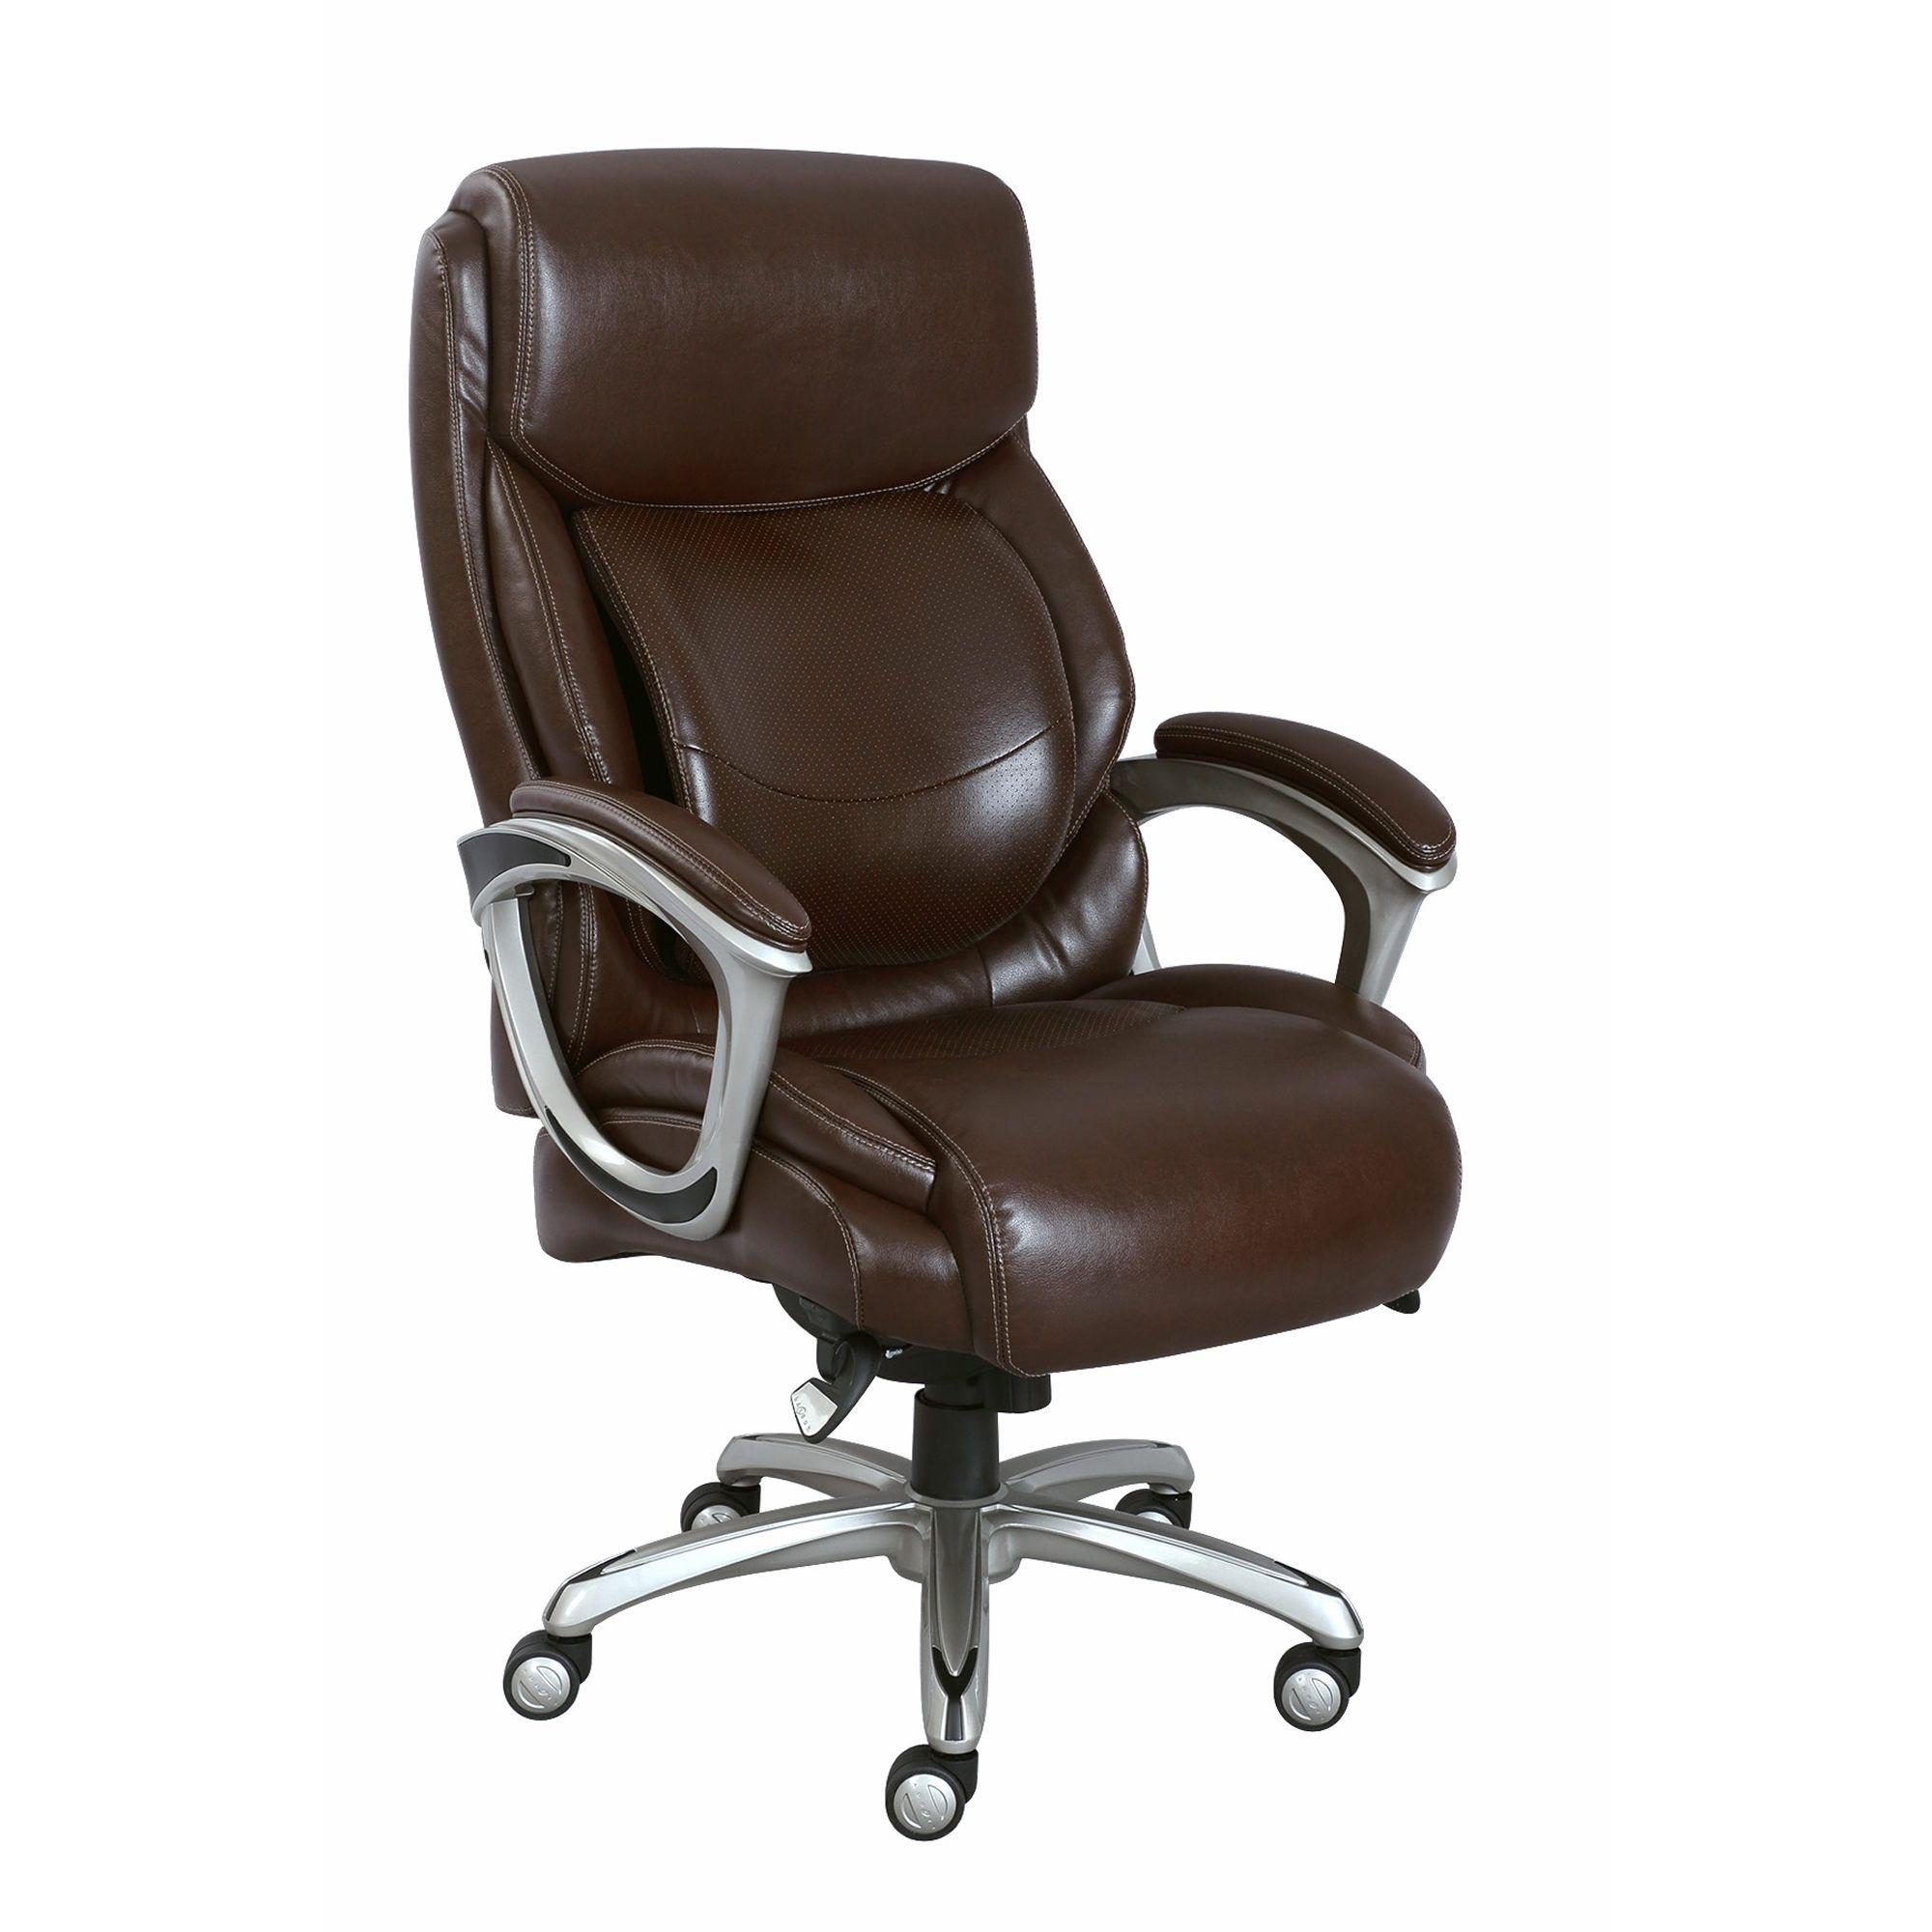 Bjs Office Chair Mats  sc 1 st  Pinterest & Bjs Office Chair Mats | http://productcreationlabs.com | Pinterest ...